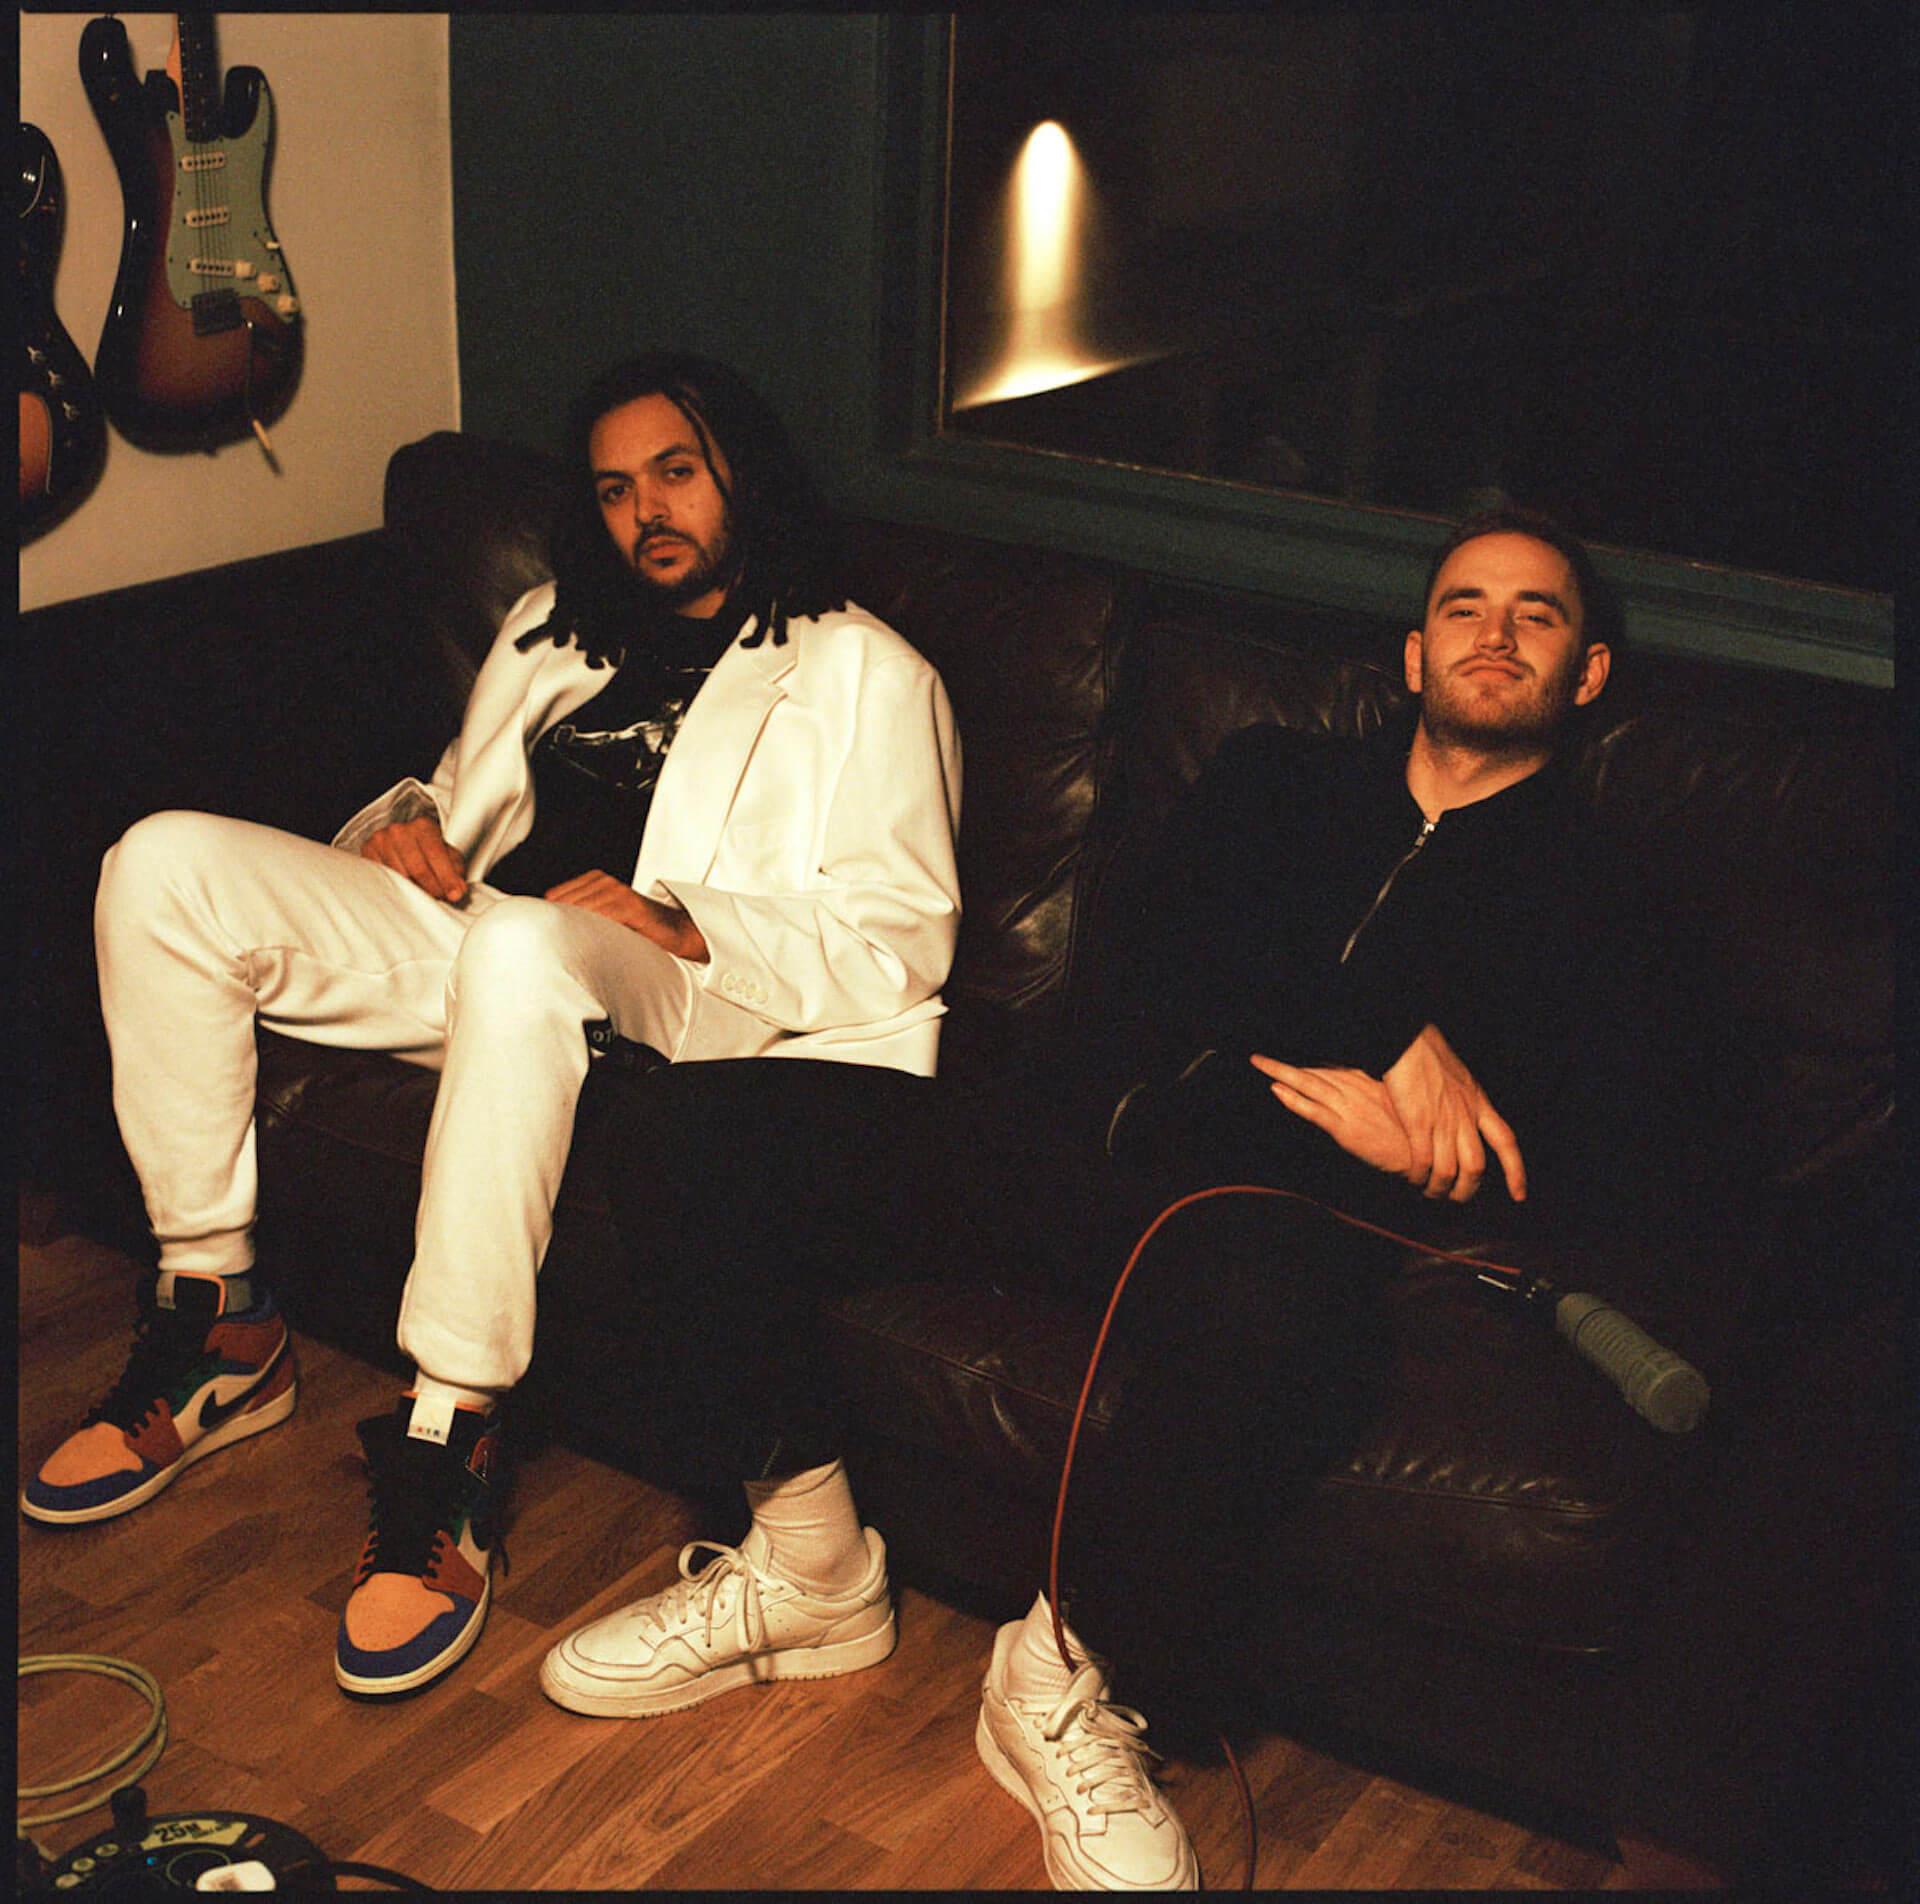 Quarantine Sessionが大好評なTom Misch、Yussef Dayes&Freddie Gibbsとの新曲MVを解禁! music200417_tommisch_yussefdayes_2